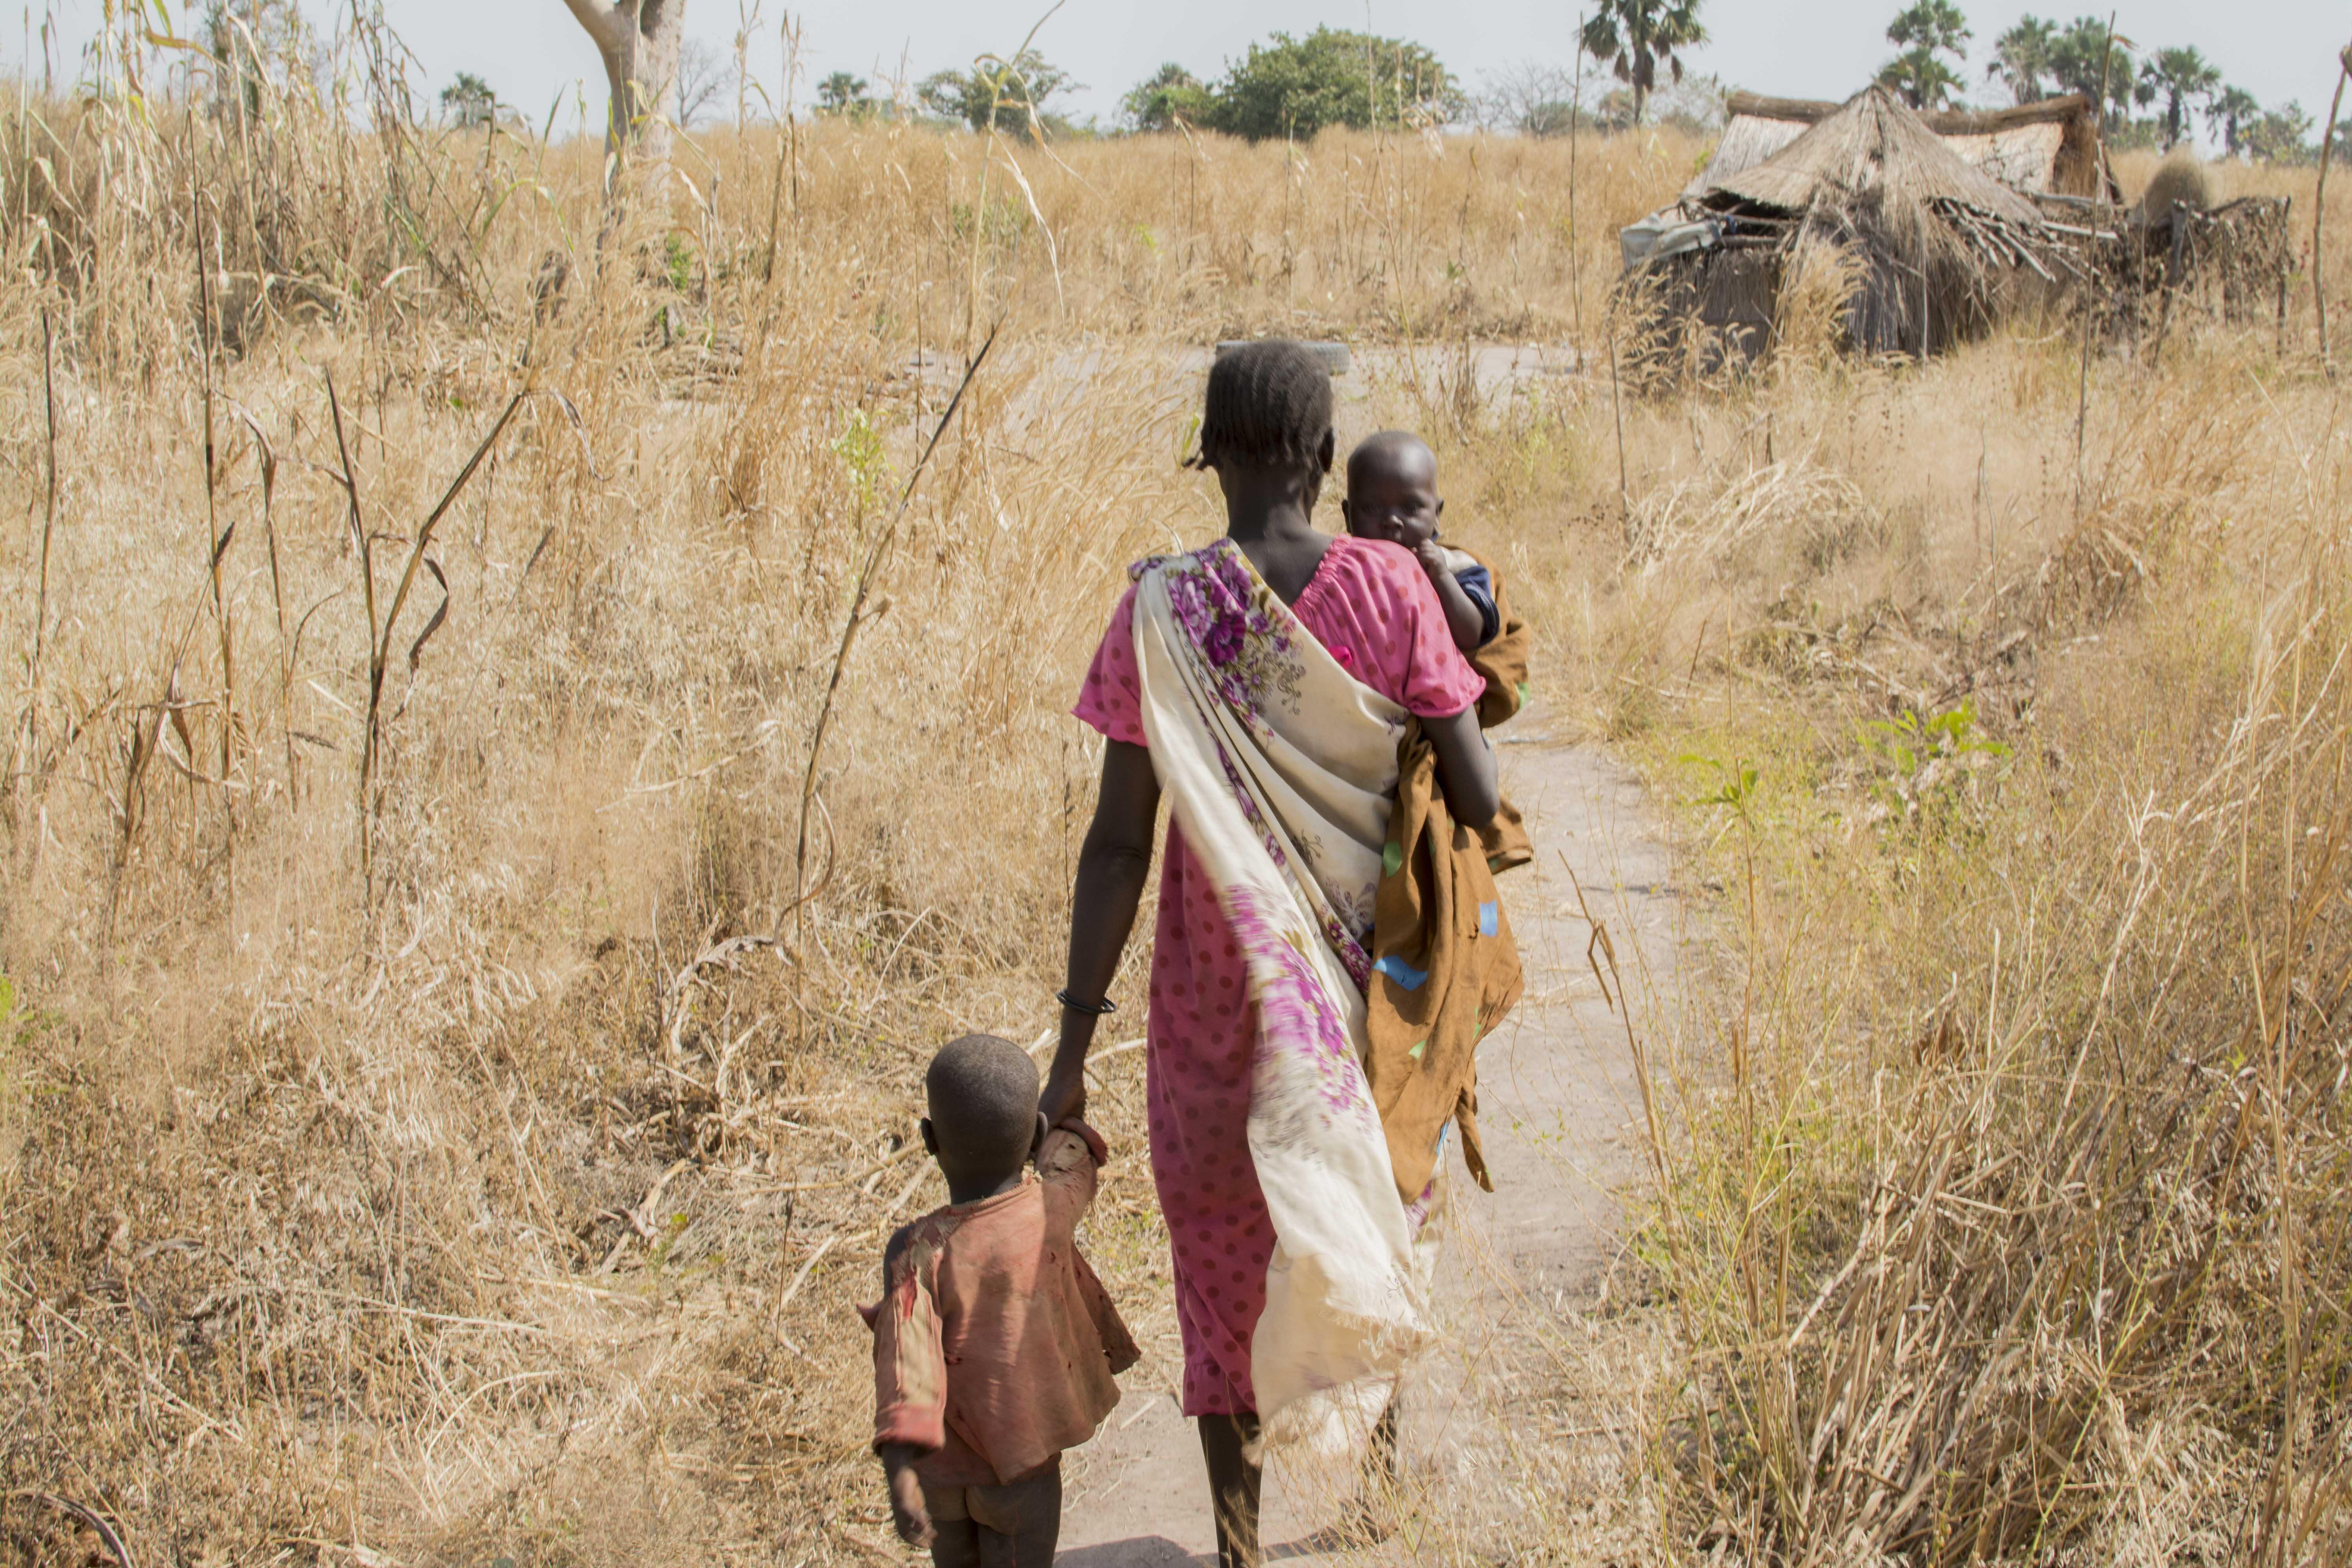 Eine Frau mit ihren zwei Kindern auf dem Weg nach Hause